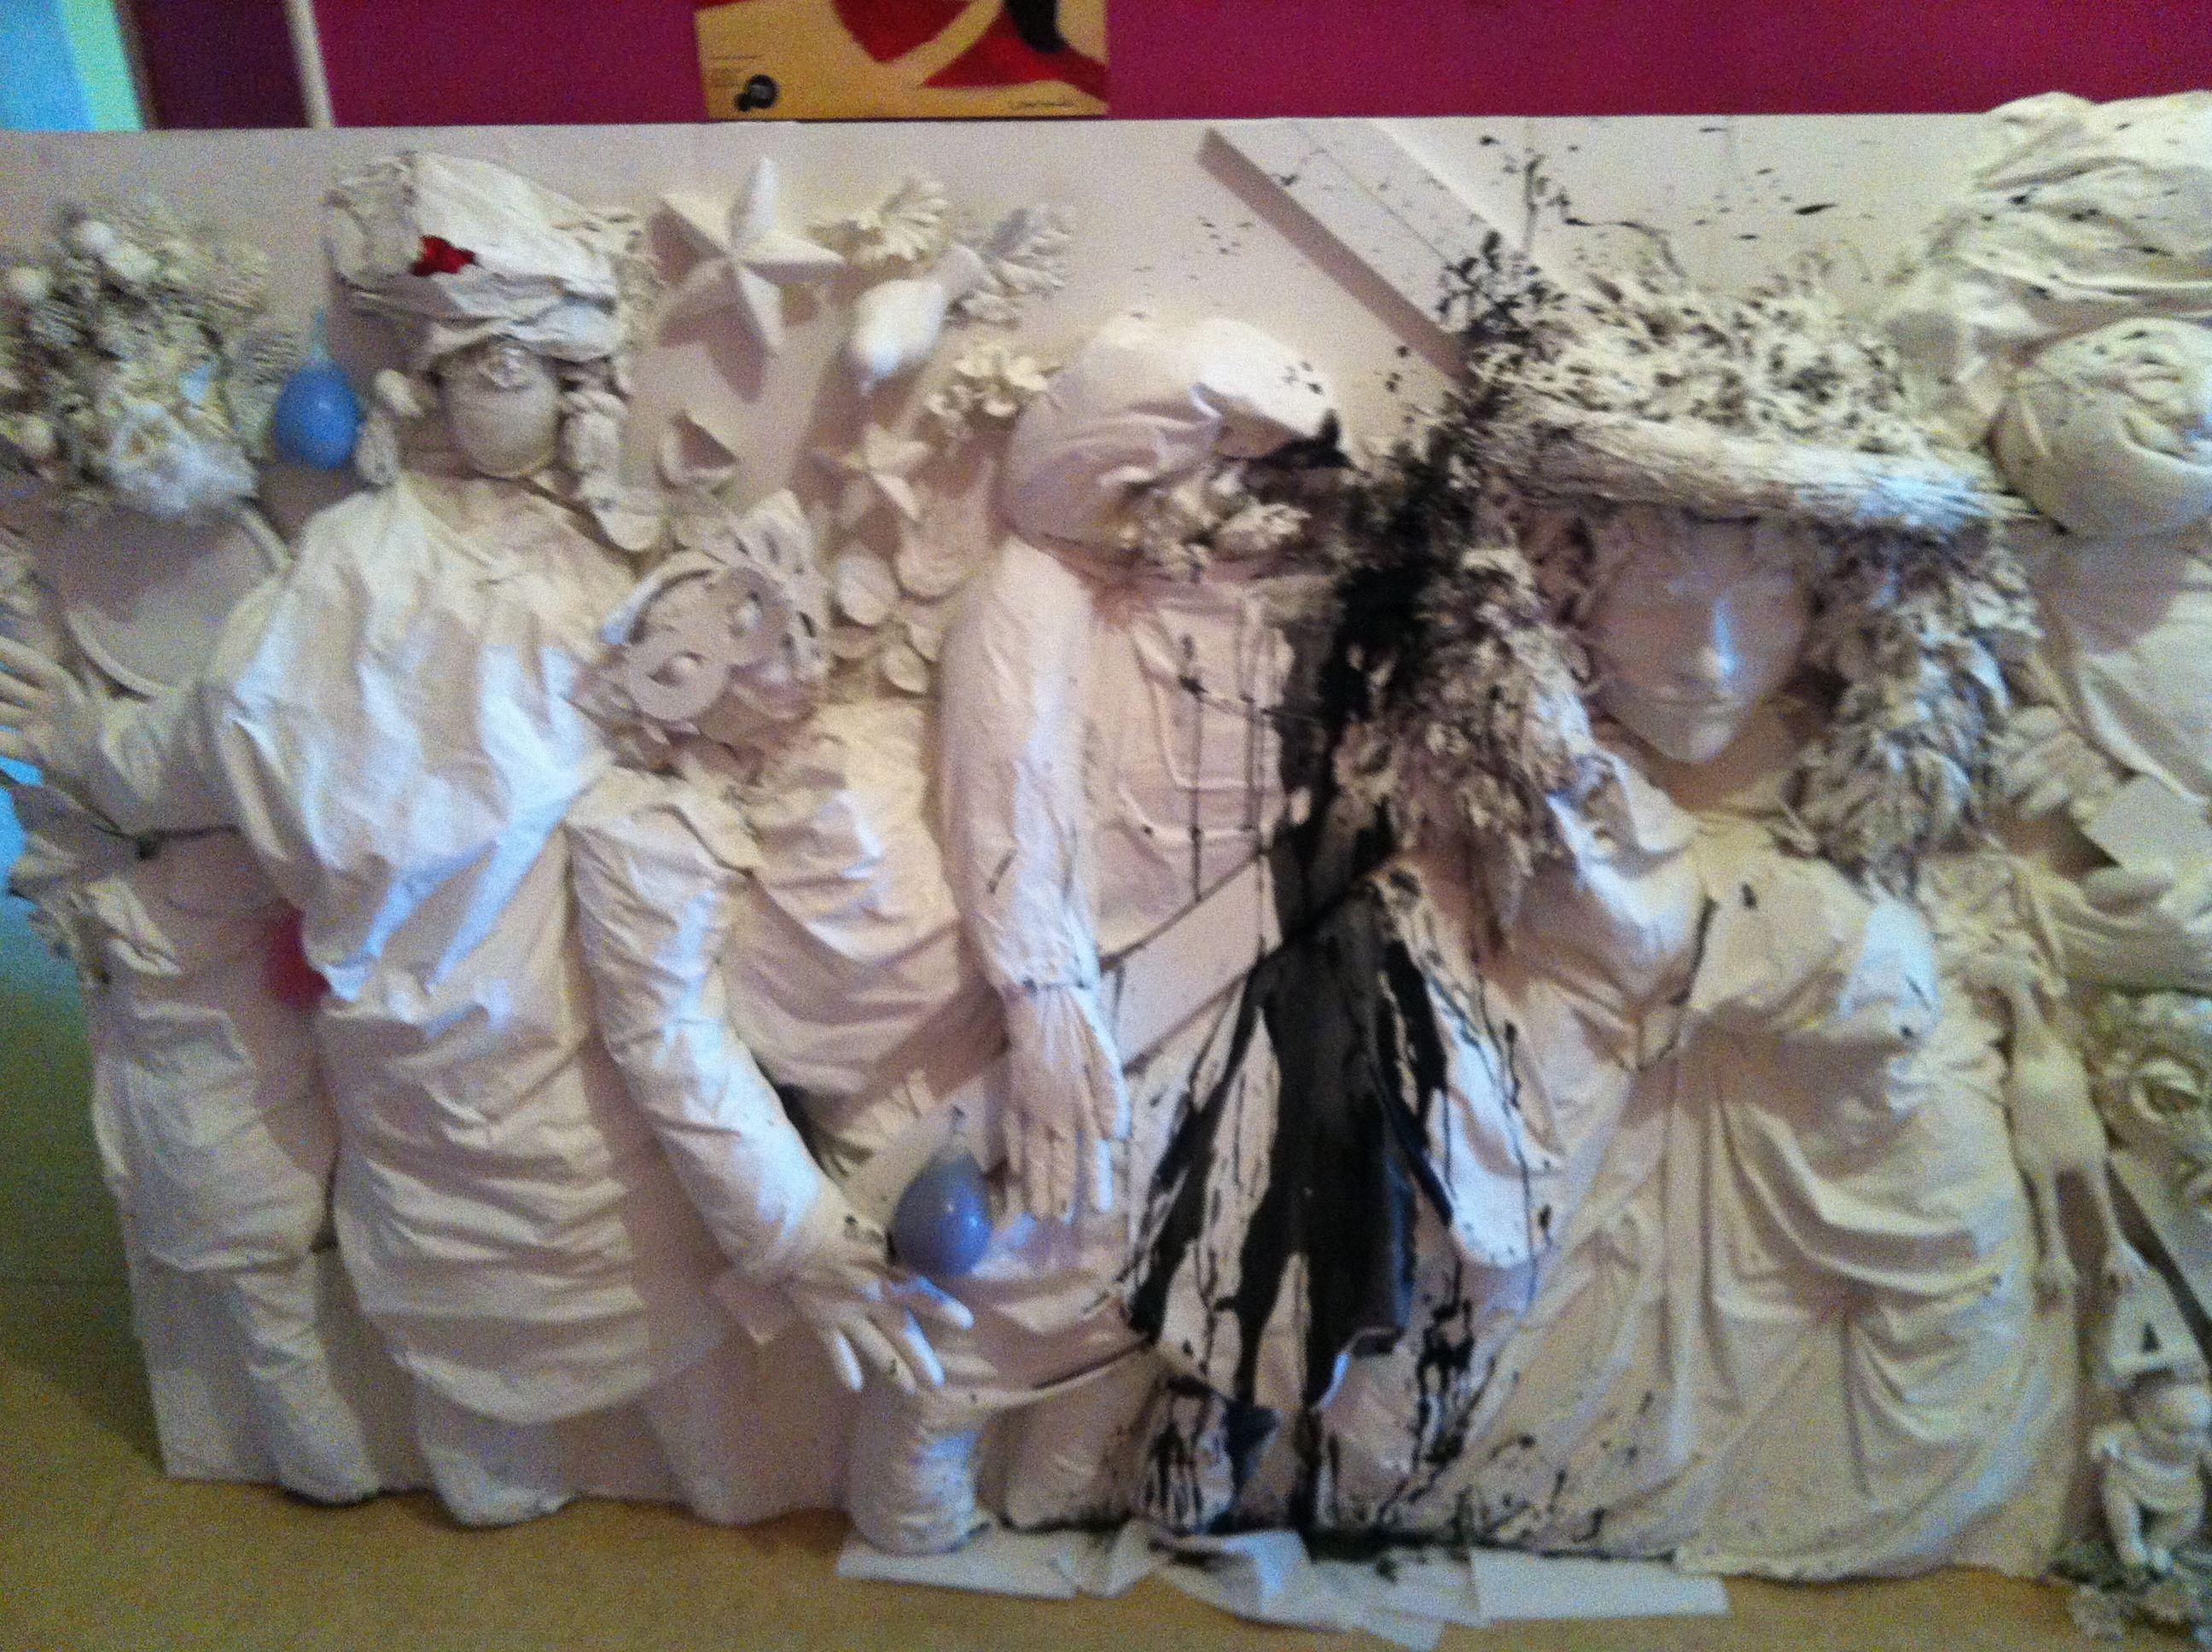 """Reprise d'une fresque du Prieuré de Mont Saint Martin - """"La Montée au calvaire""""- à la manière de Niki De Saint Phalle. www.fondationsolangebertrand.org"""